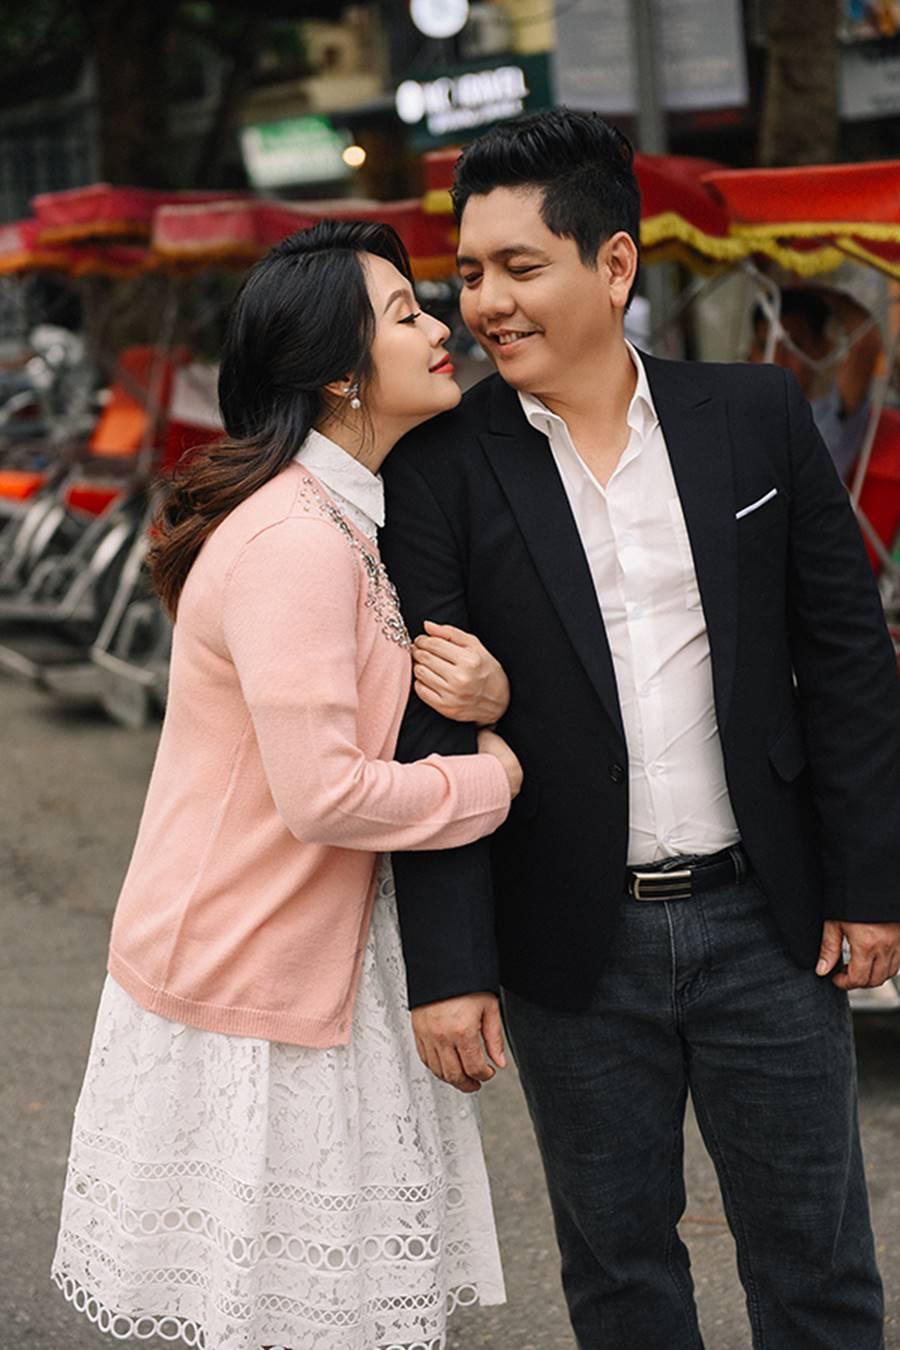 """Bà bầu"""" Thanh Thúy đẹp rạng ngời cùng chồng dạo phố Hà Nội-11"""